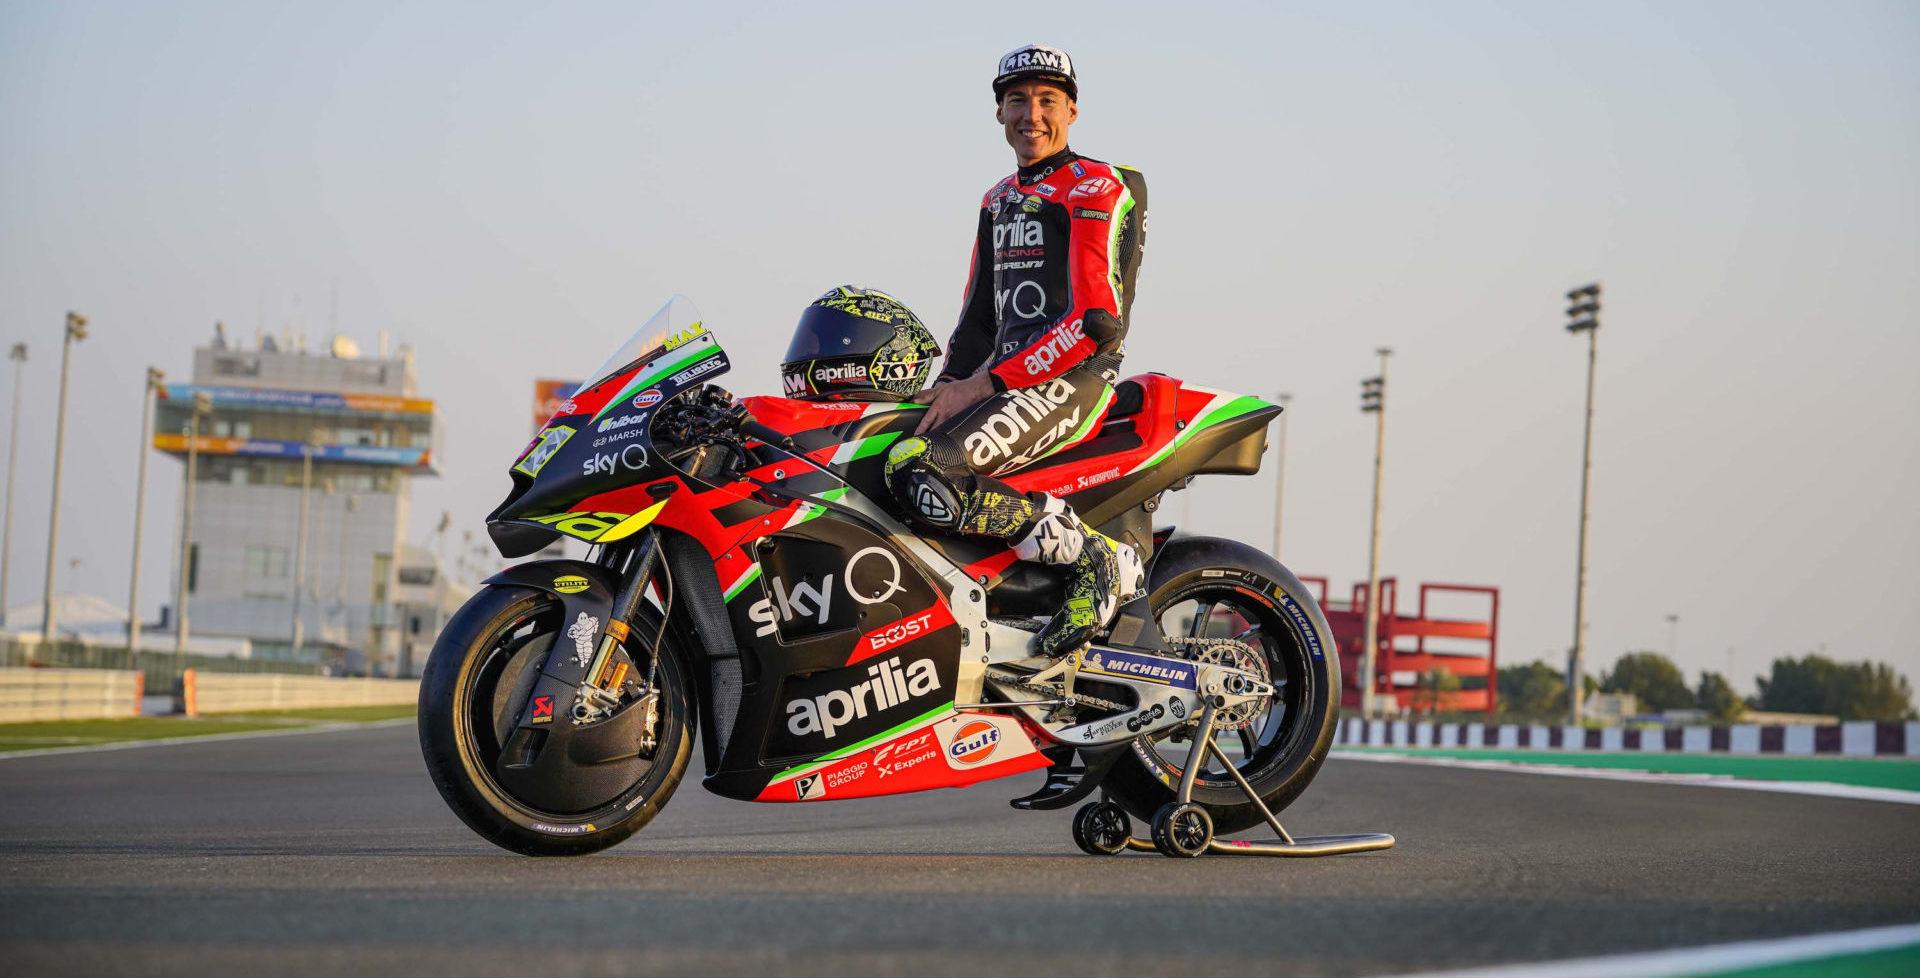 Aleix Espargaro. Photo courtesy Aprilia Gresini Racing.